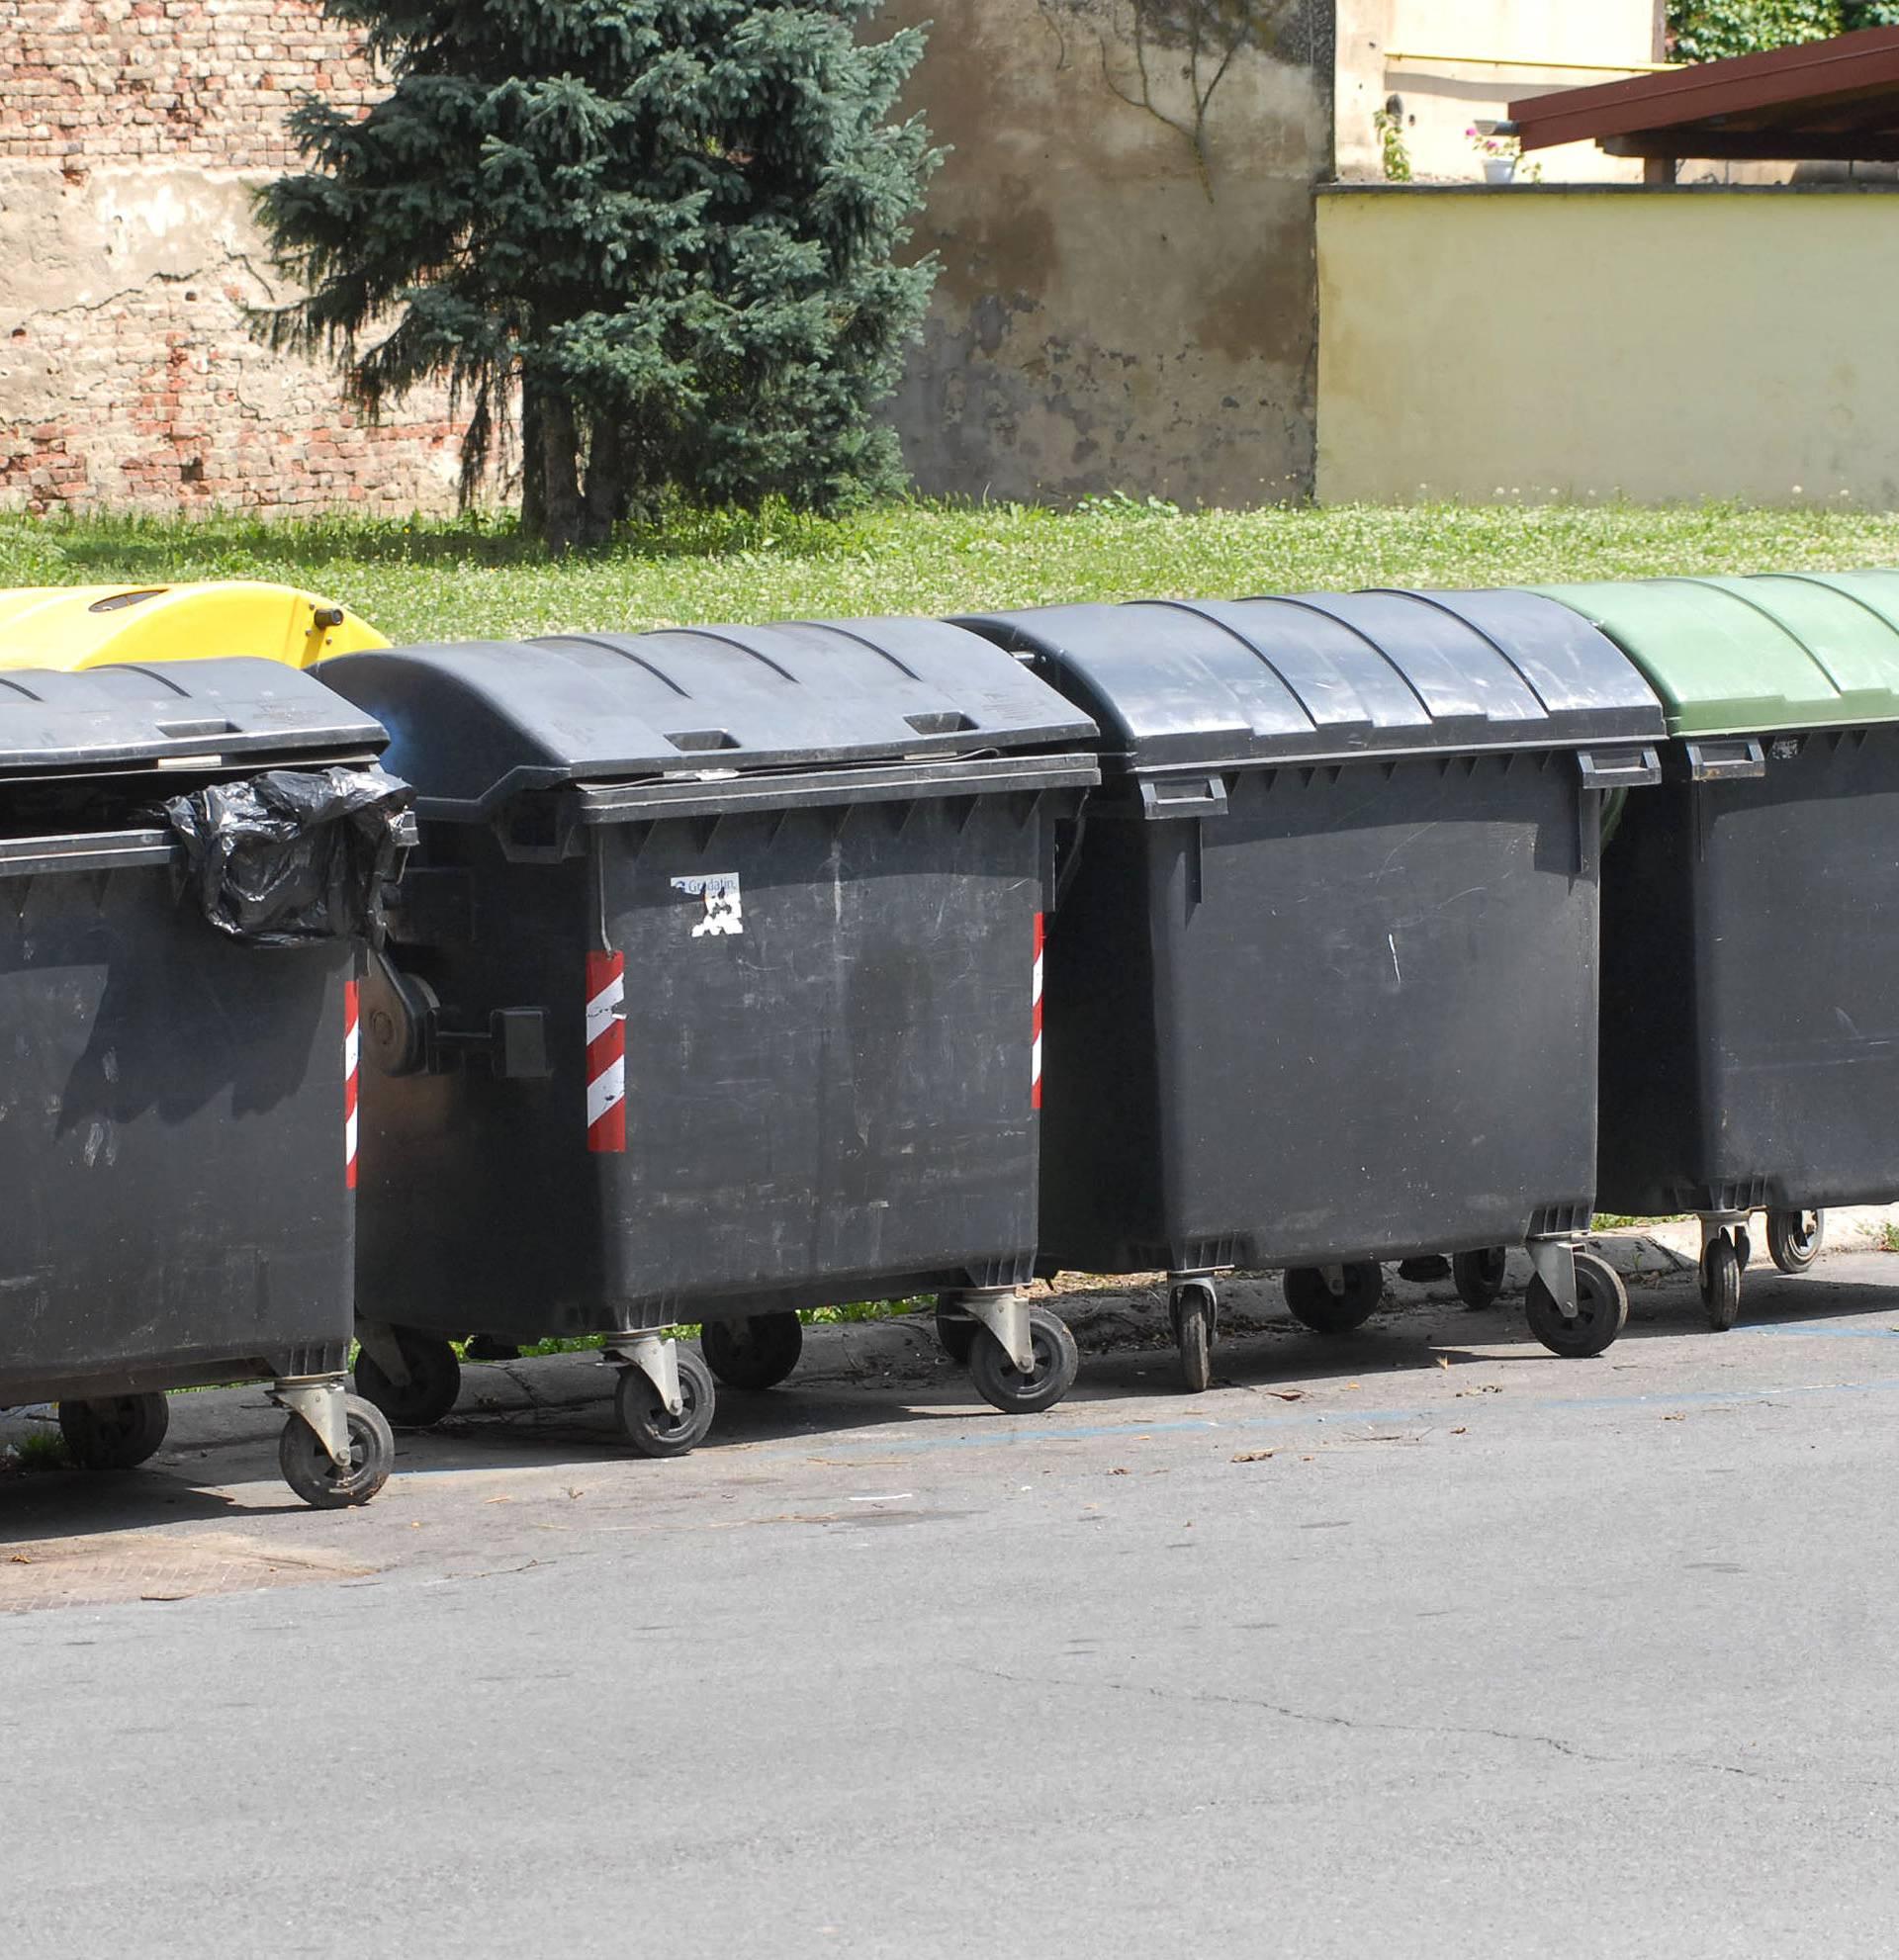 Završile na sudu: Studentice su 'krale' hranu iz kontejnera